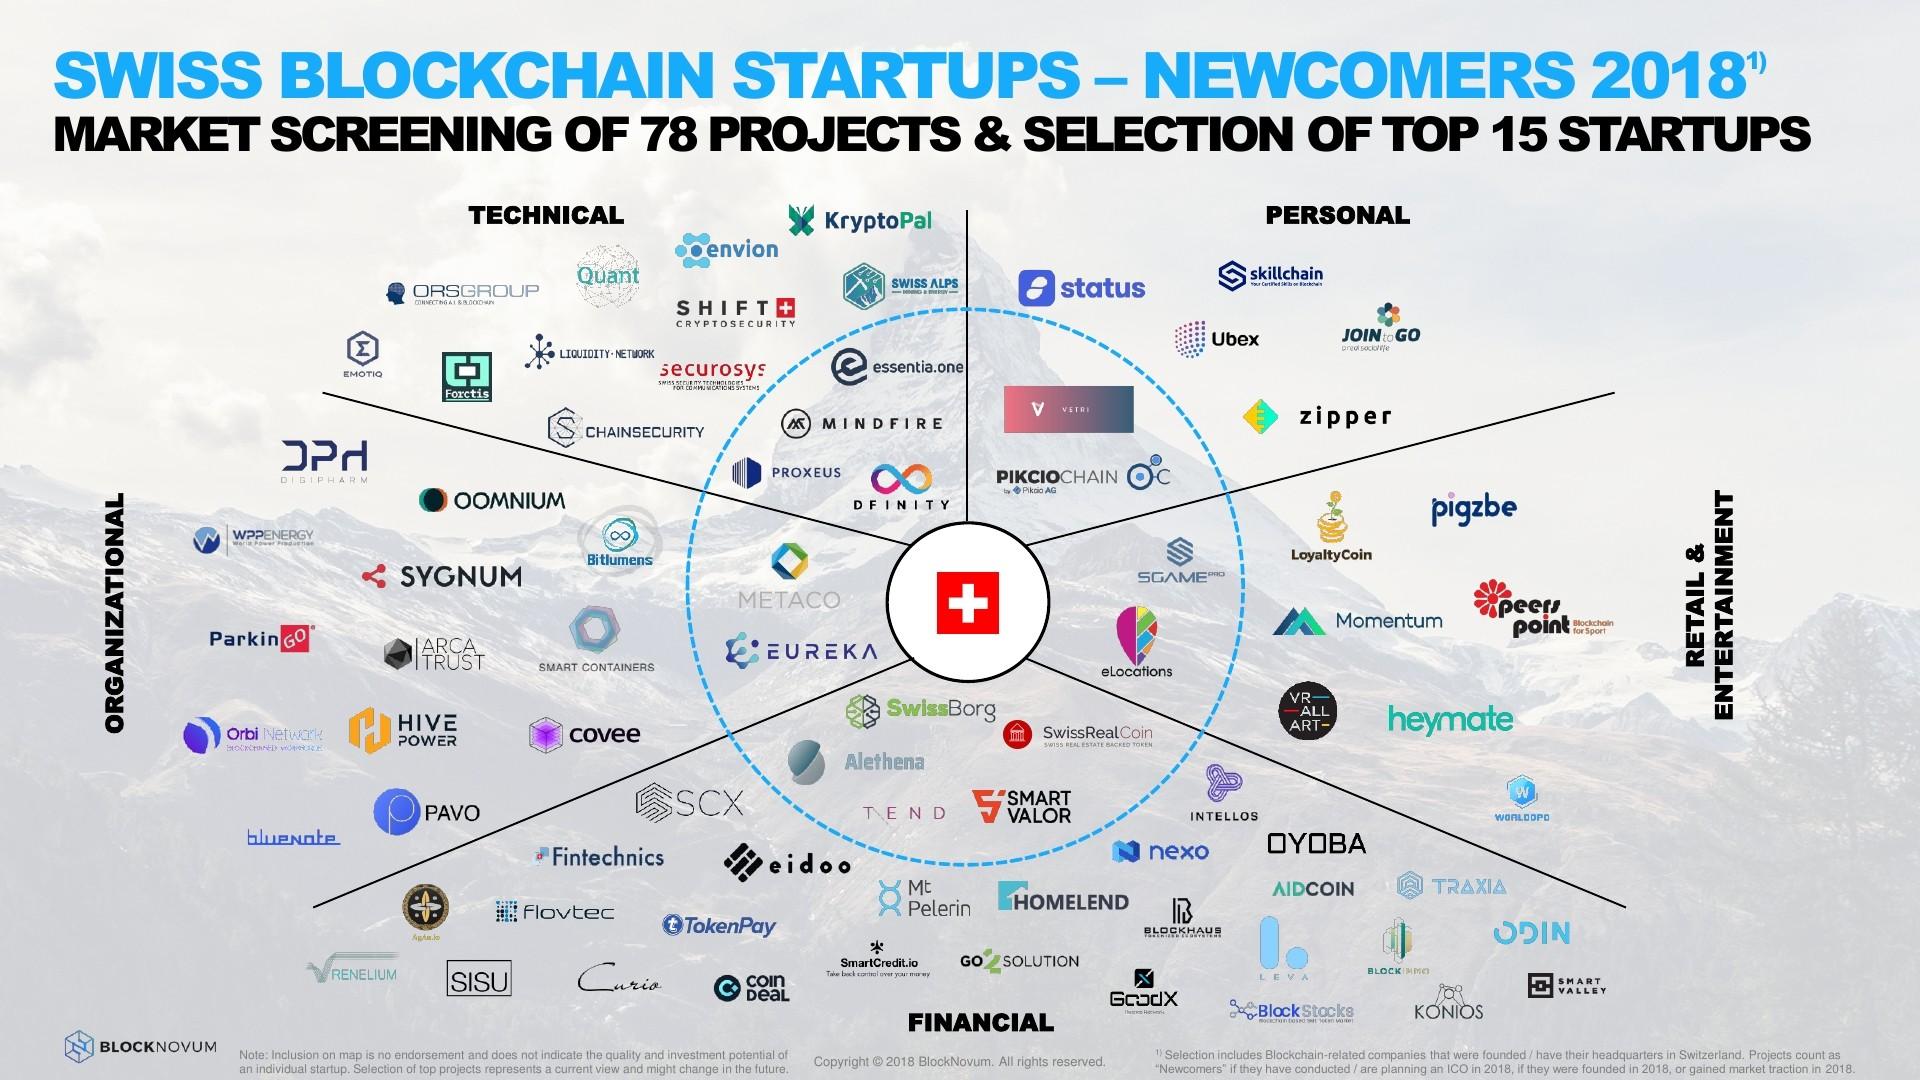 Top 15 Swiss Blockchain Newcomer Startups in 2018 | Fintech